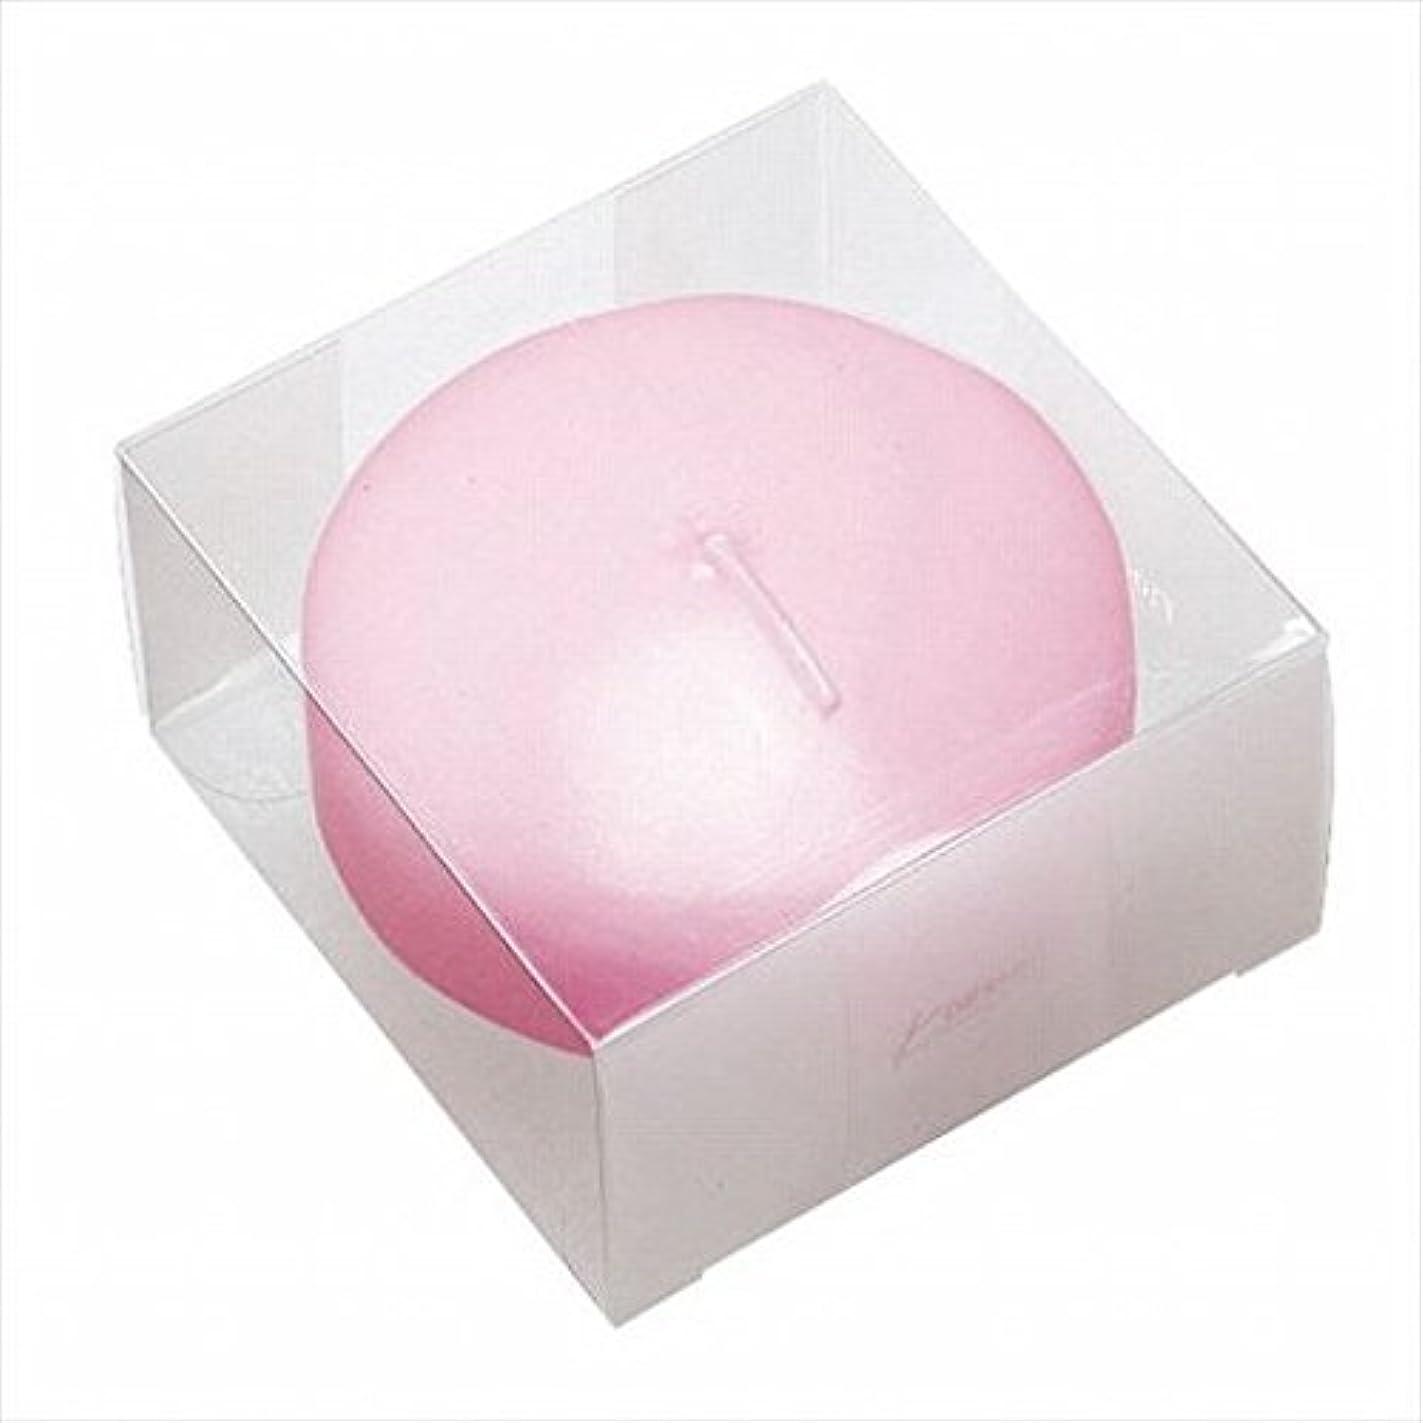 に沿って許可無限大kameyama candle(カメヤマキャンドル) プール80(箱入り) 「 ピンク 」 キャンドル 80x80x45mm (A7069060)